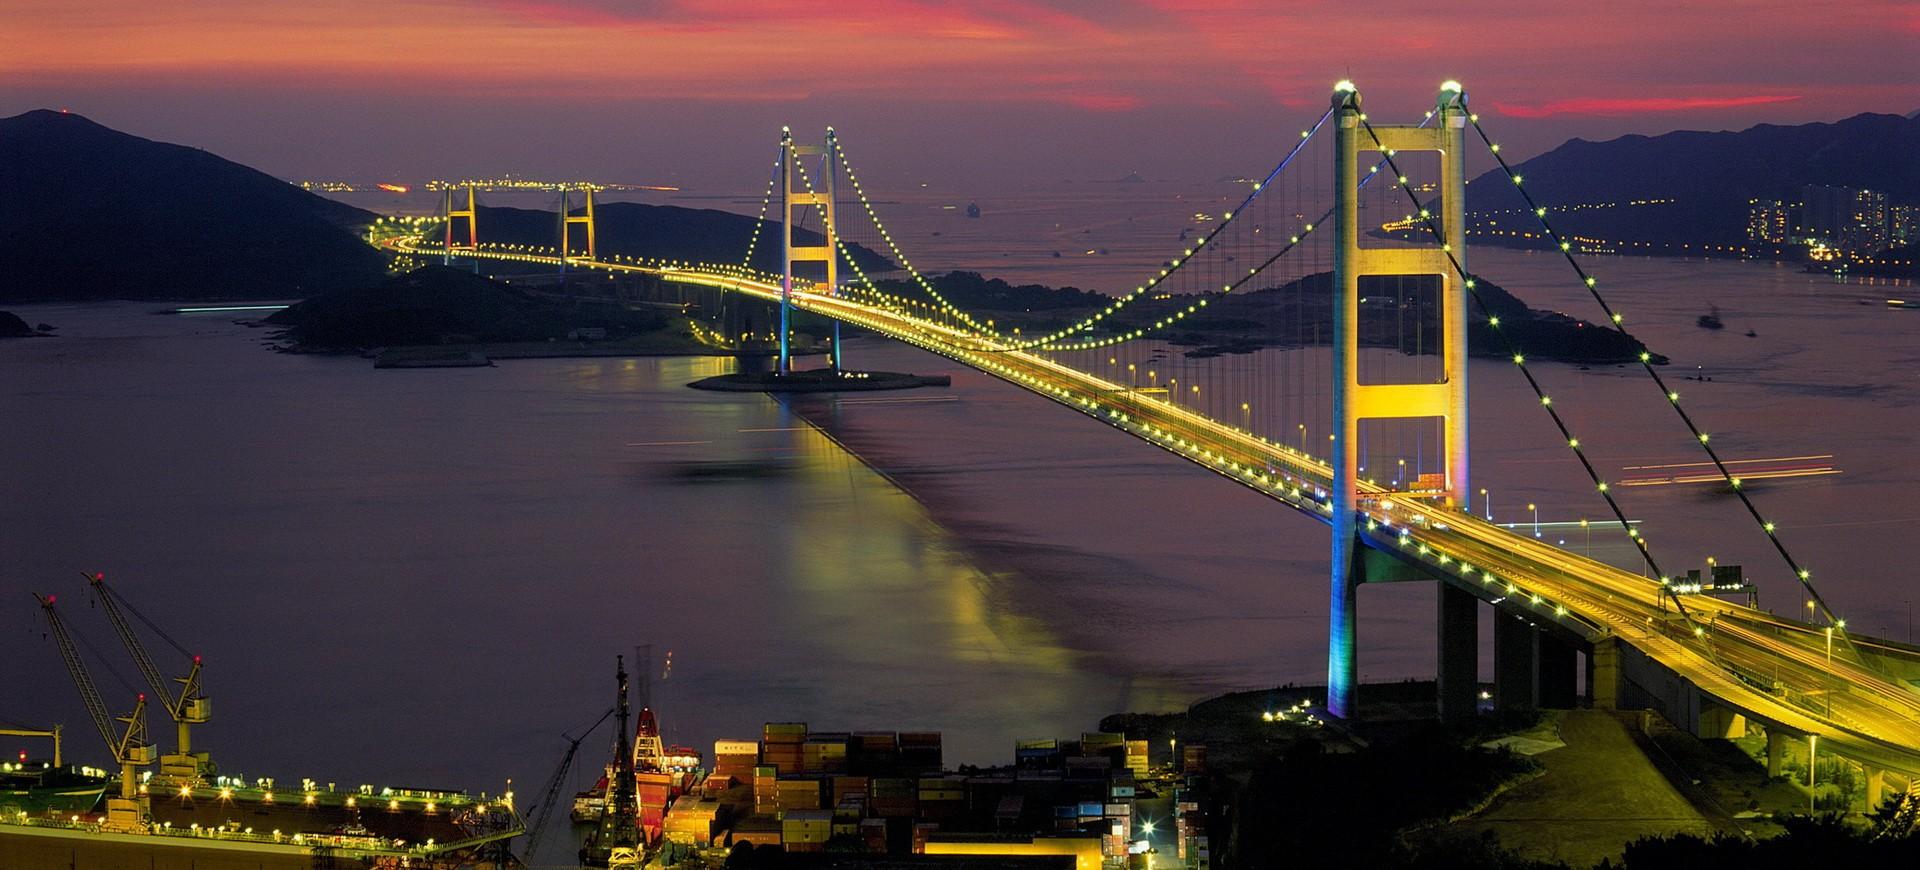 Hong Kong Pont by night